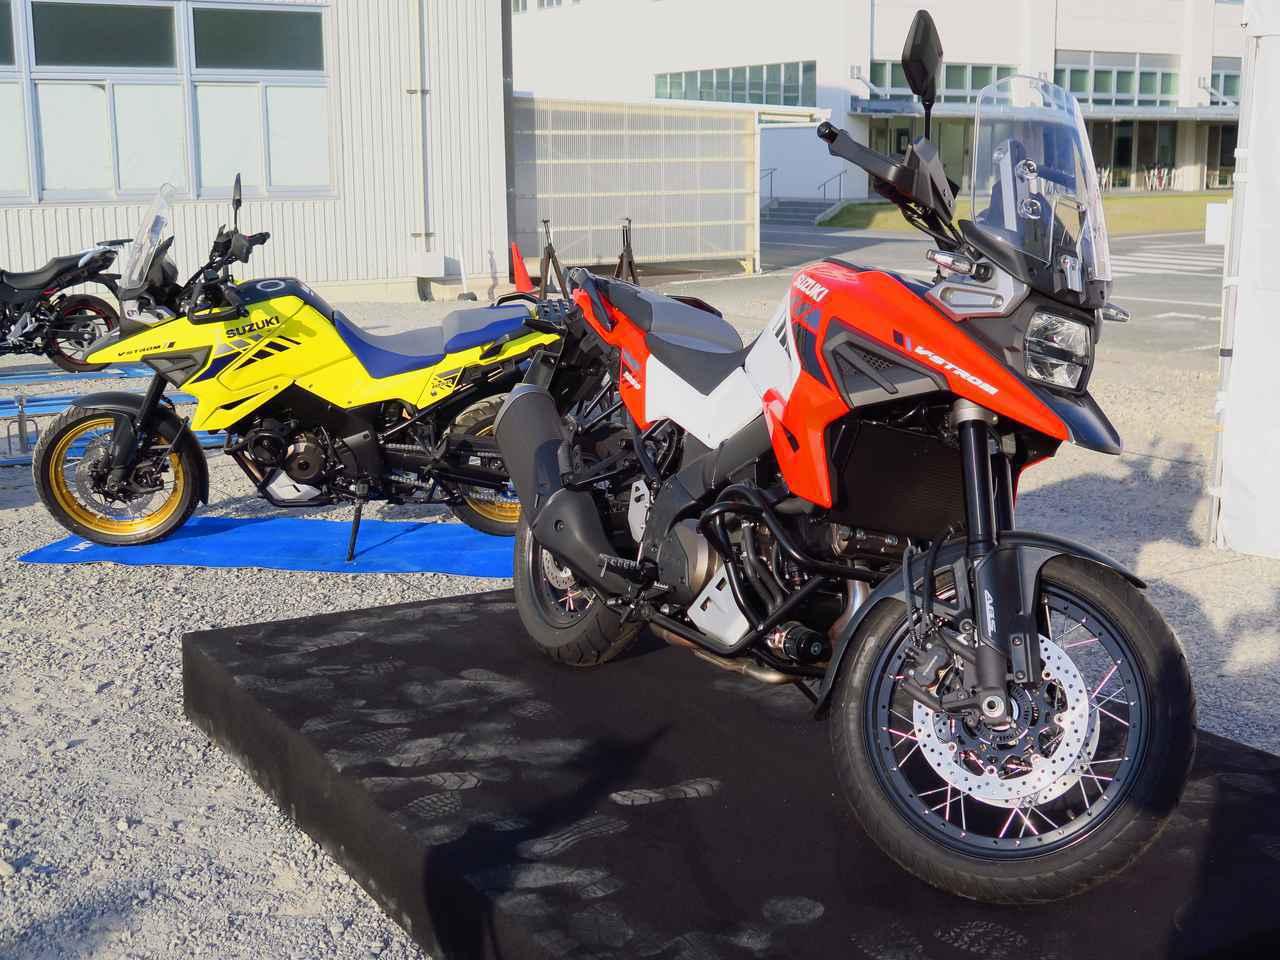 画像: 新型Vストローム1050は『〇〇みたいに楽しめる』って本当か?直撃取材で聞いてみた!@第5回Vストロームミーティング2019 - webオートバイ